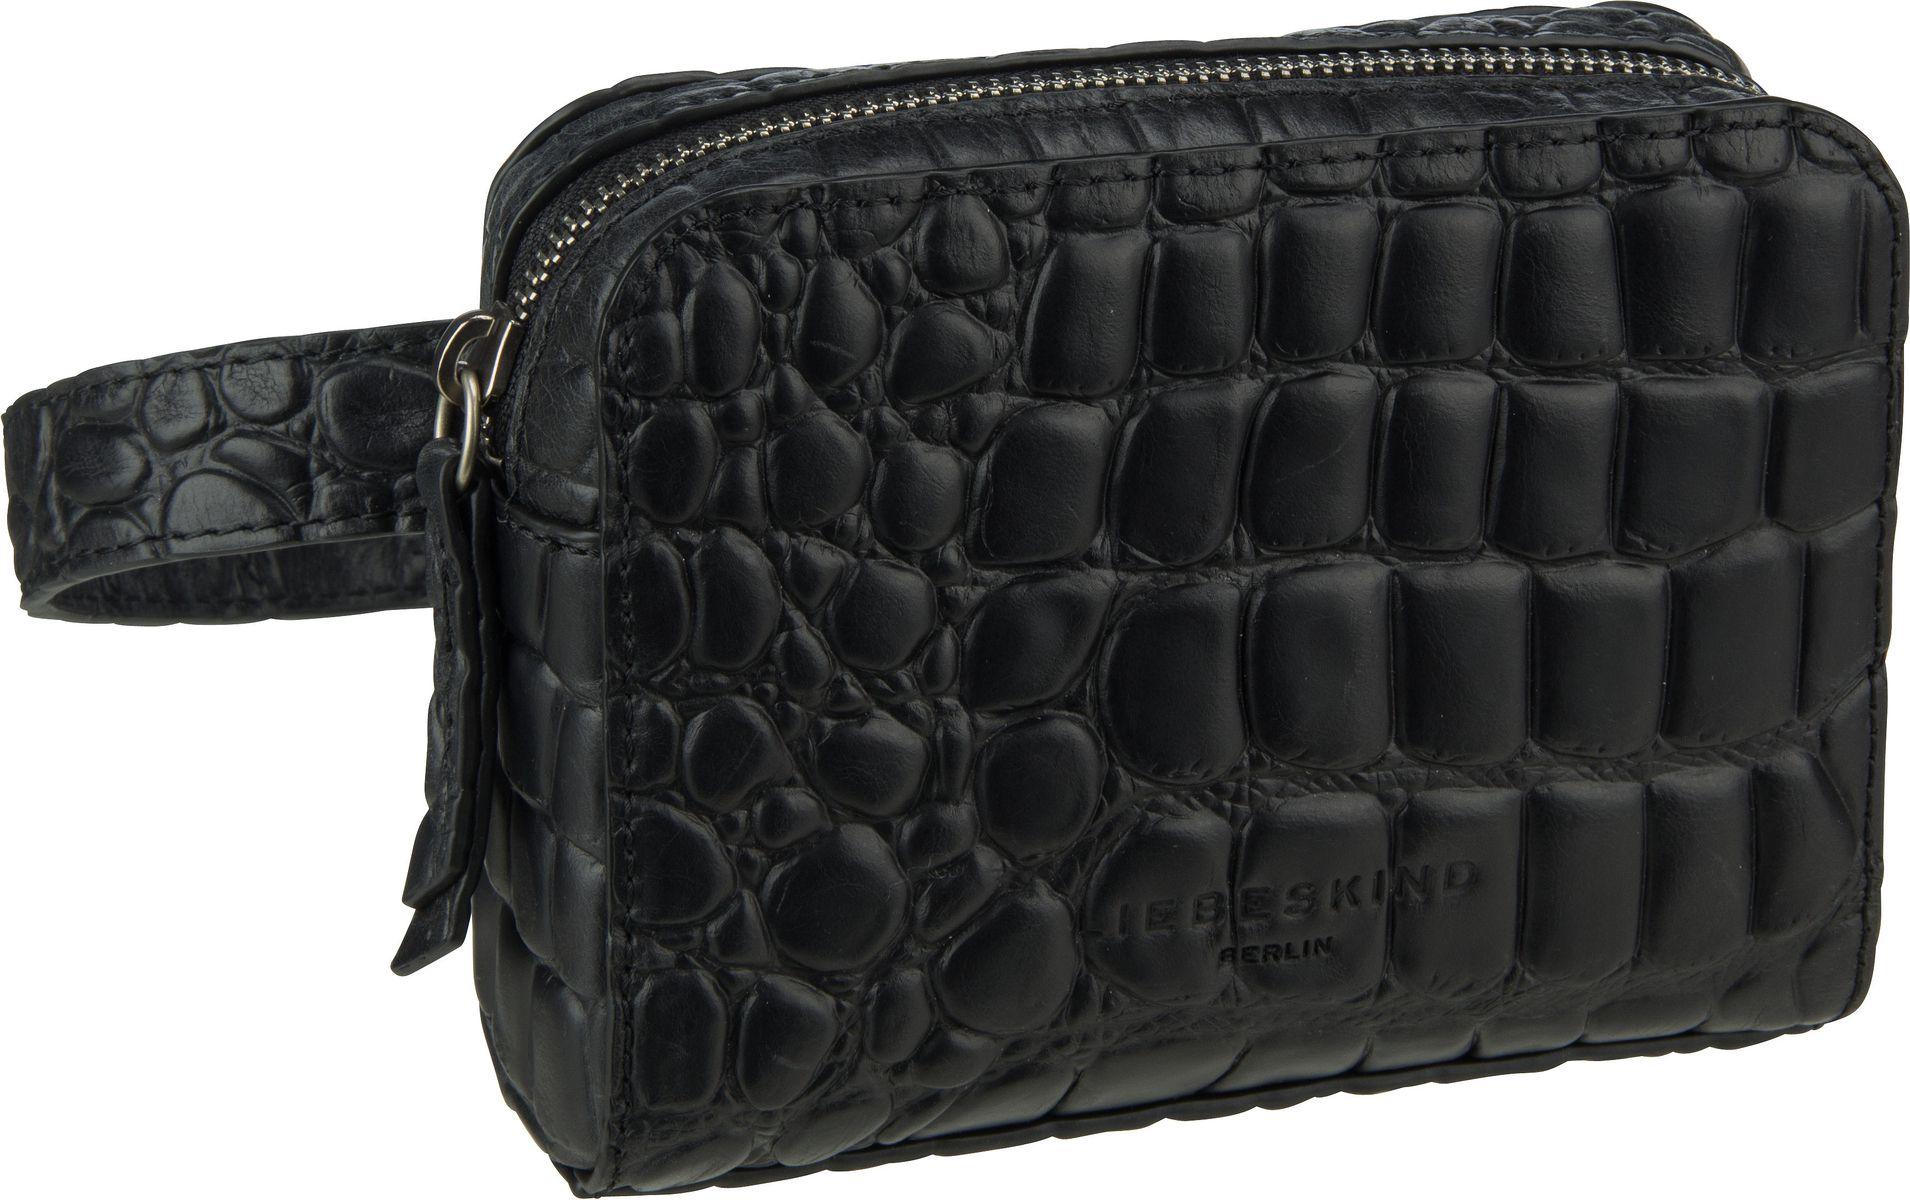 Kleinwaren - Liebeskind Berlin Gürteltasche Malibu Belt Bag S Black  - Onlineshop Taschenkaufhaus